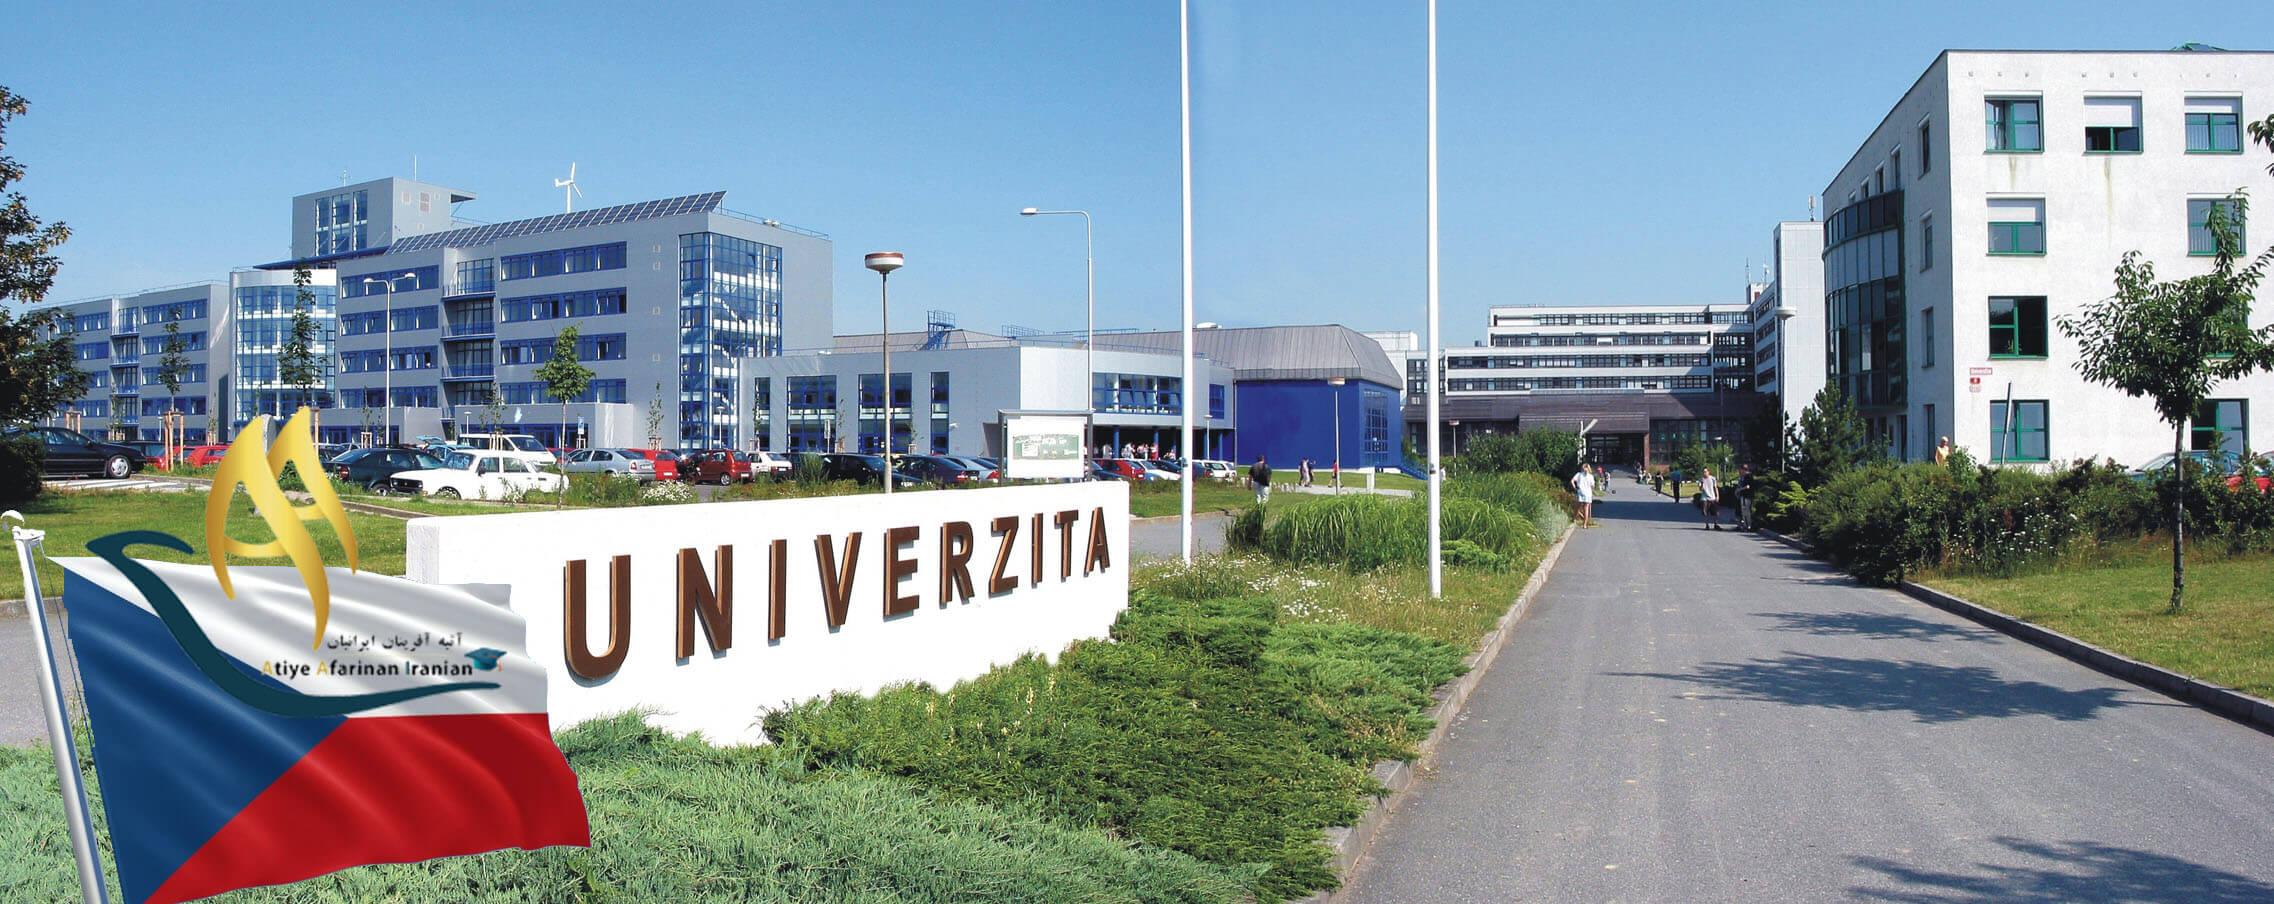 دانشگاه ملی مهندسی بوهمیا چک